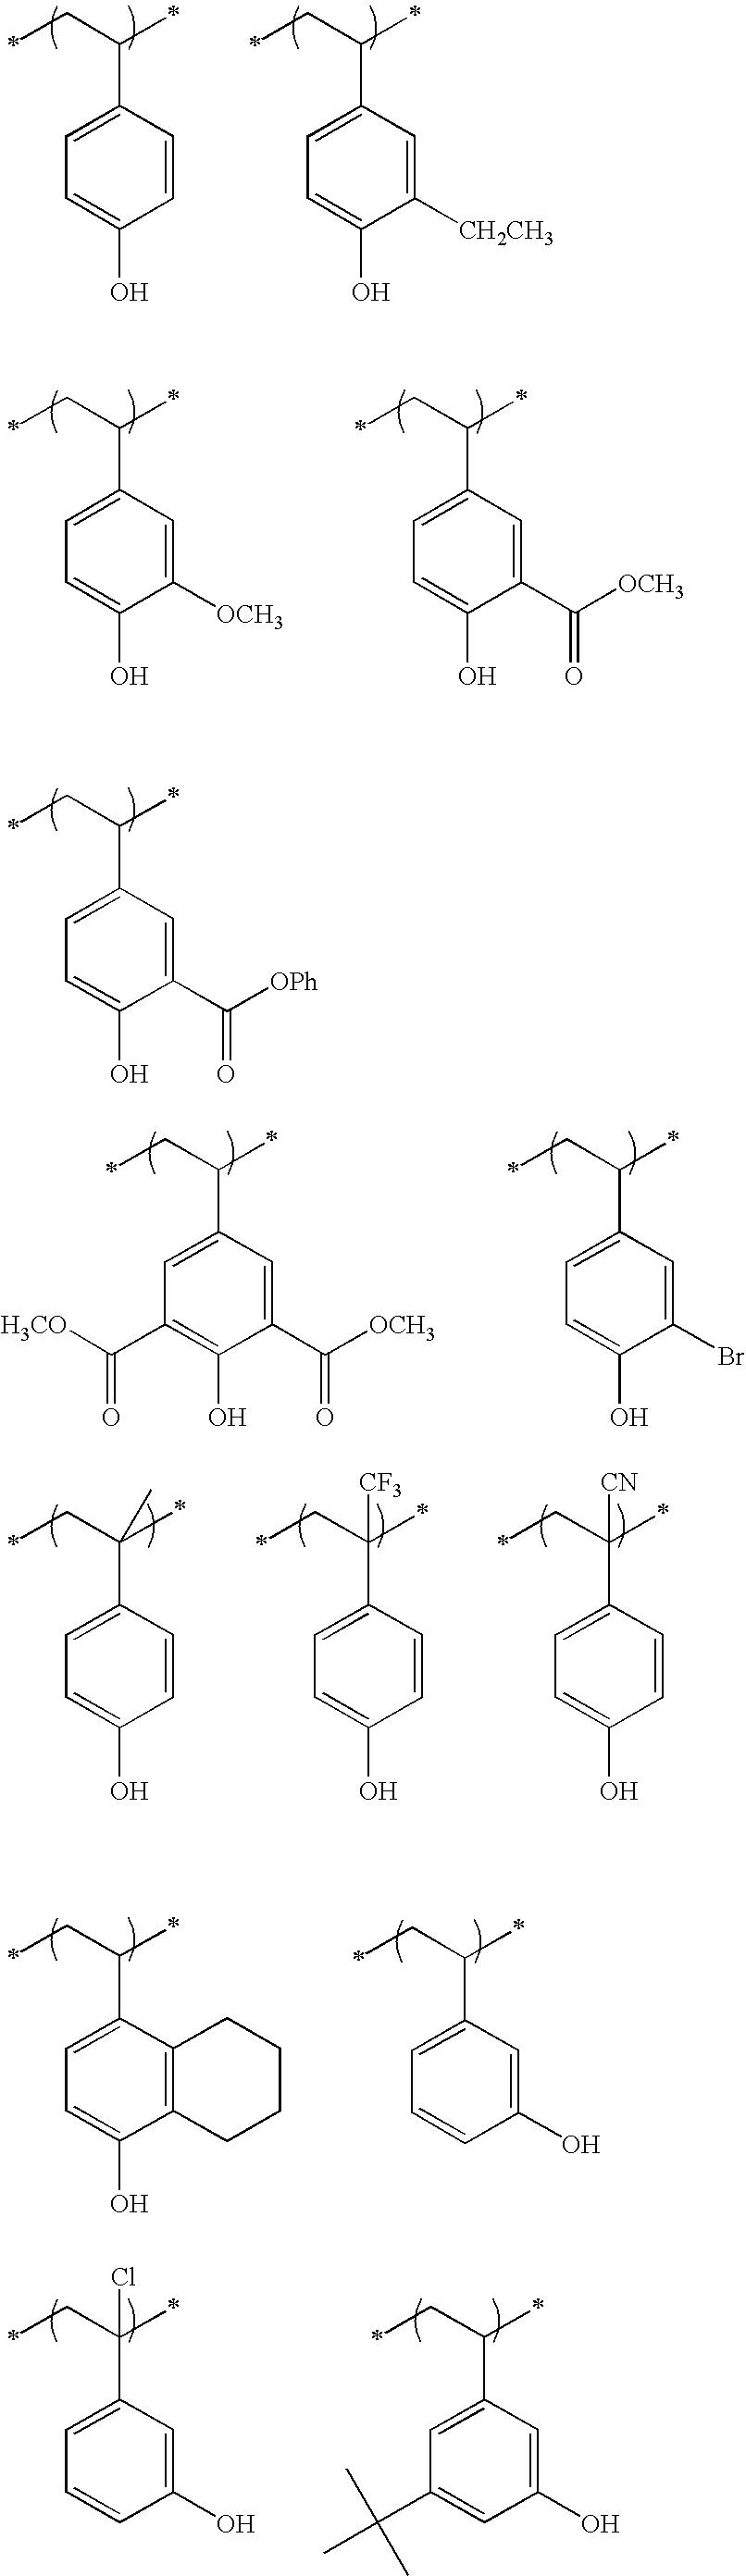 Figure US08852845-20141007-C00127